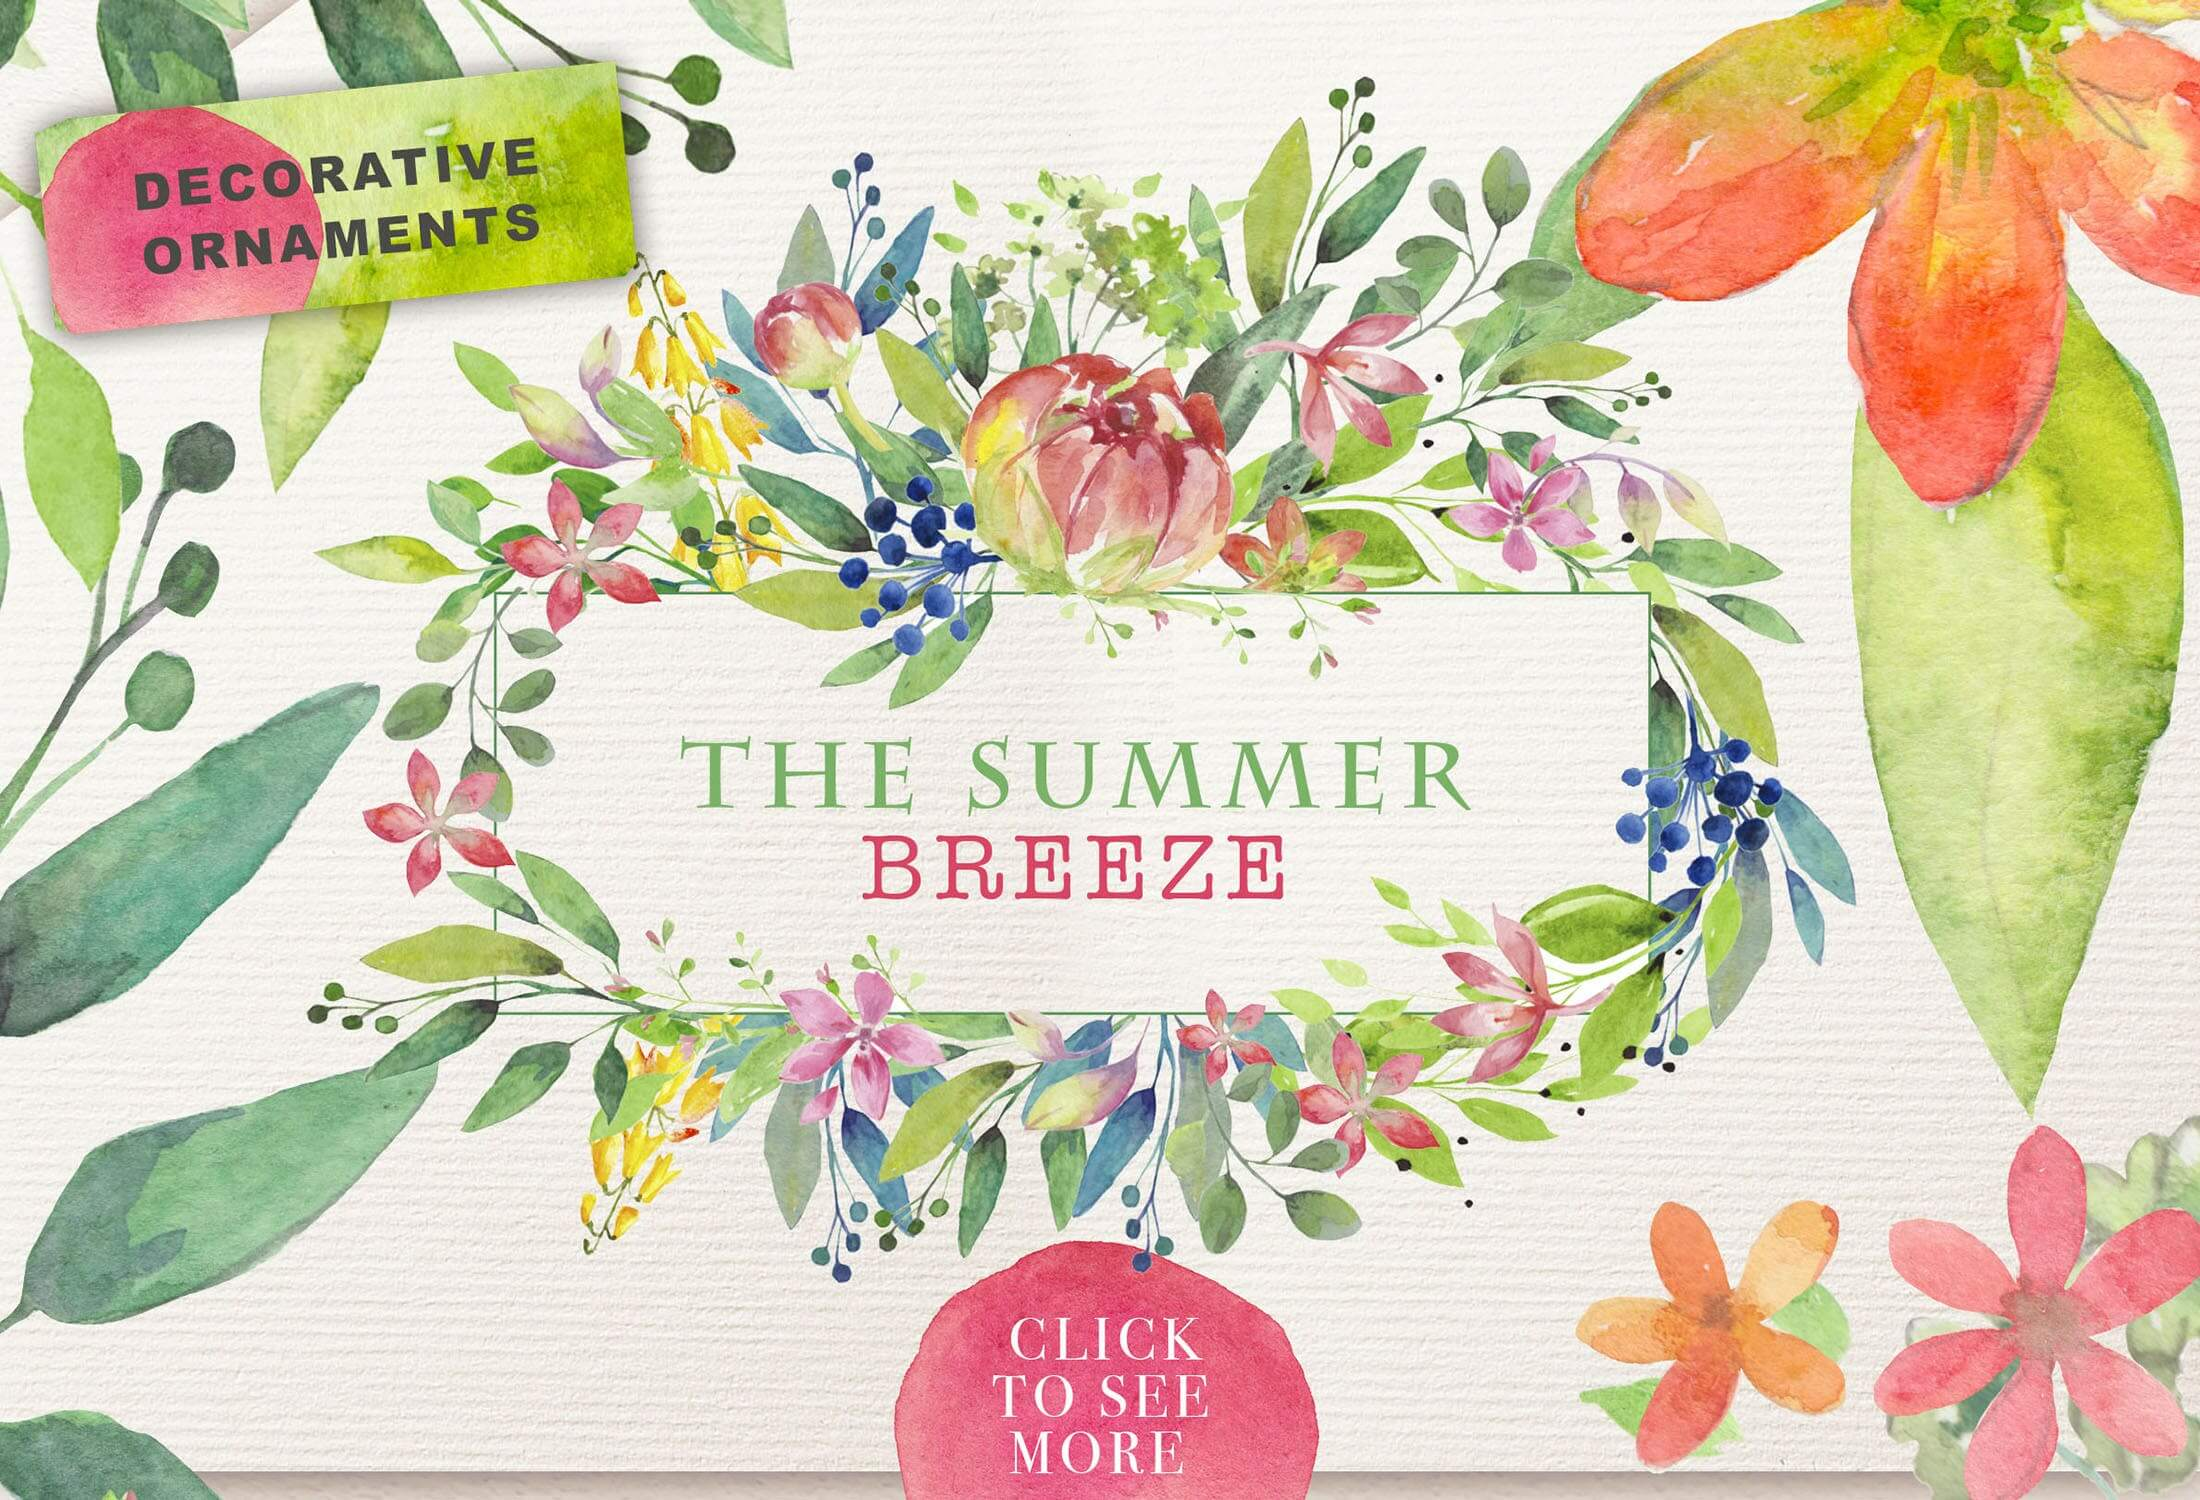 夏季素材鲜花素材装饰排列合集THE SUMMER BREEZE插图(6)